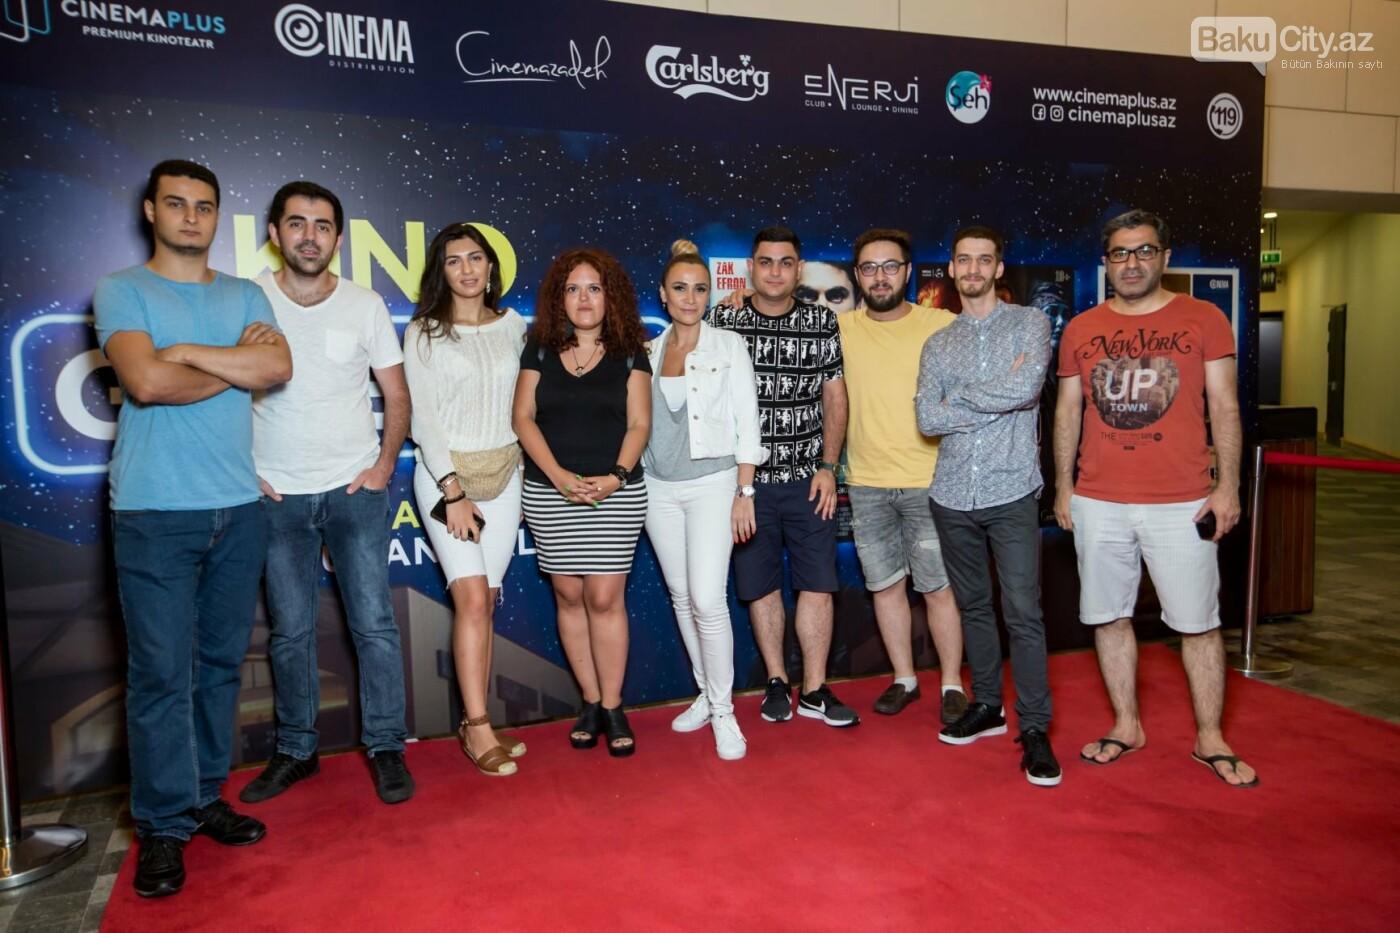 """Bakıda üç filmin nümayişi ilə """"Kino Gecəsi"""" keçirildi - FOTO, fotoşəkil-18"""